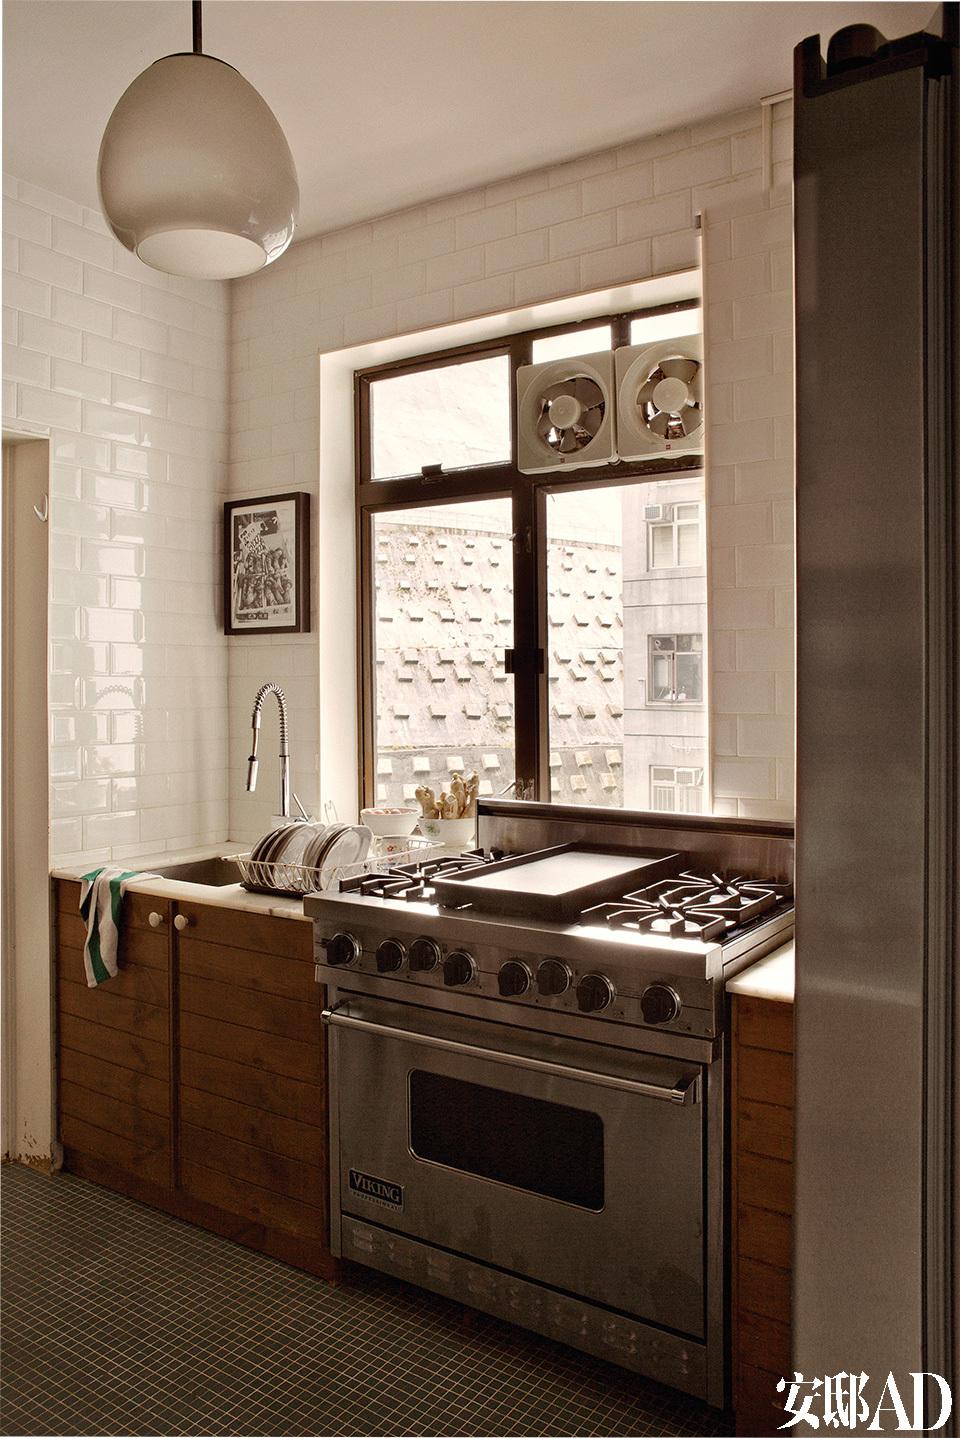 厨房里,主人只是根据原有的材料发挥,重新修饰了橱柜,在地上和墙上铺了瓷砖。